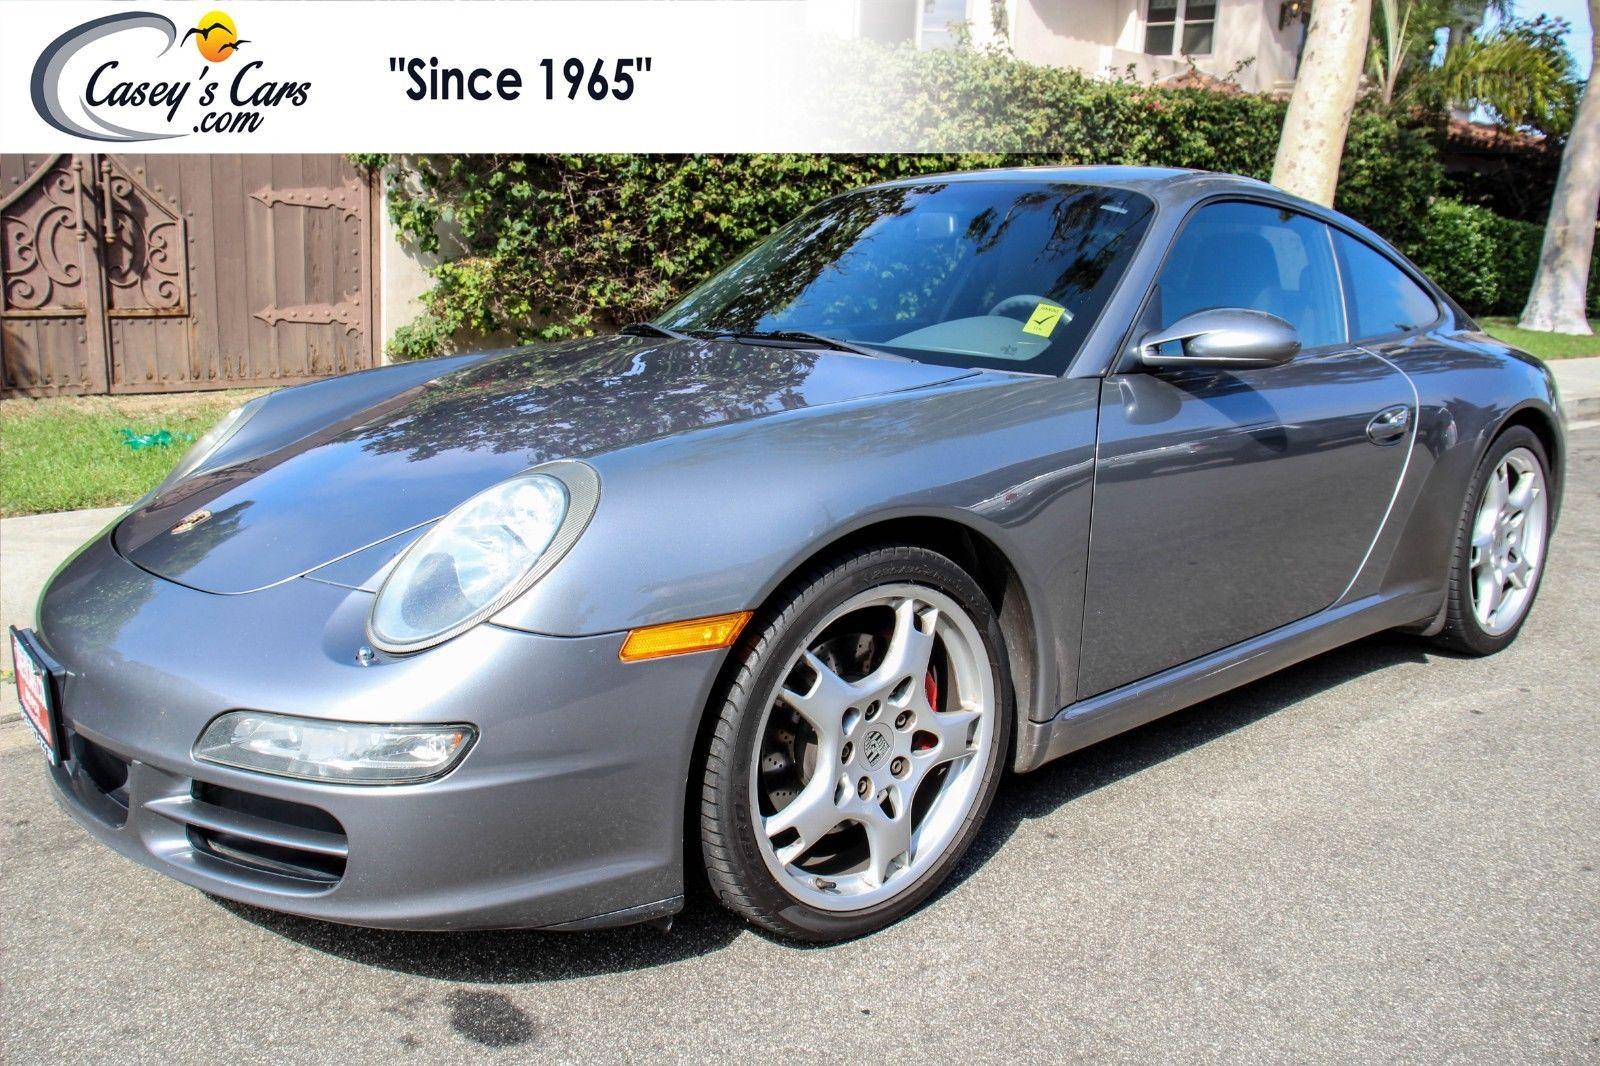 Awesome 2005 Porsche 911 Carrera S Coupe 2005 Porsche 911 Carrera S